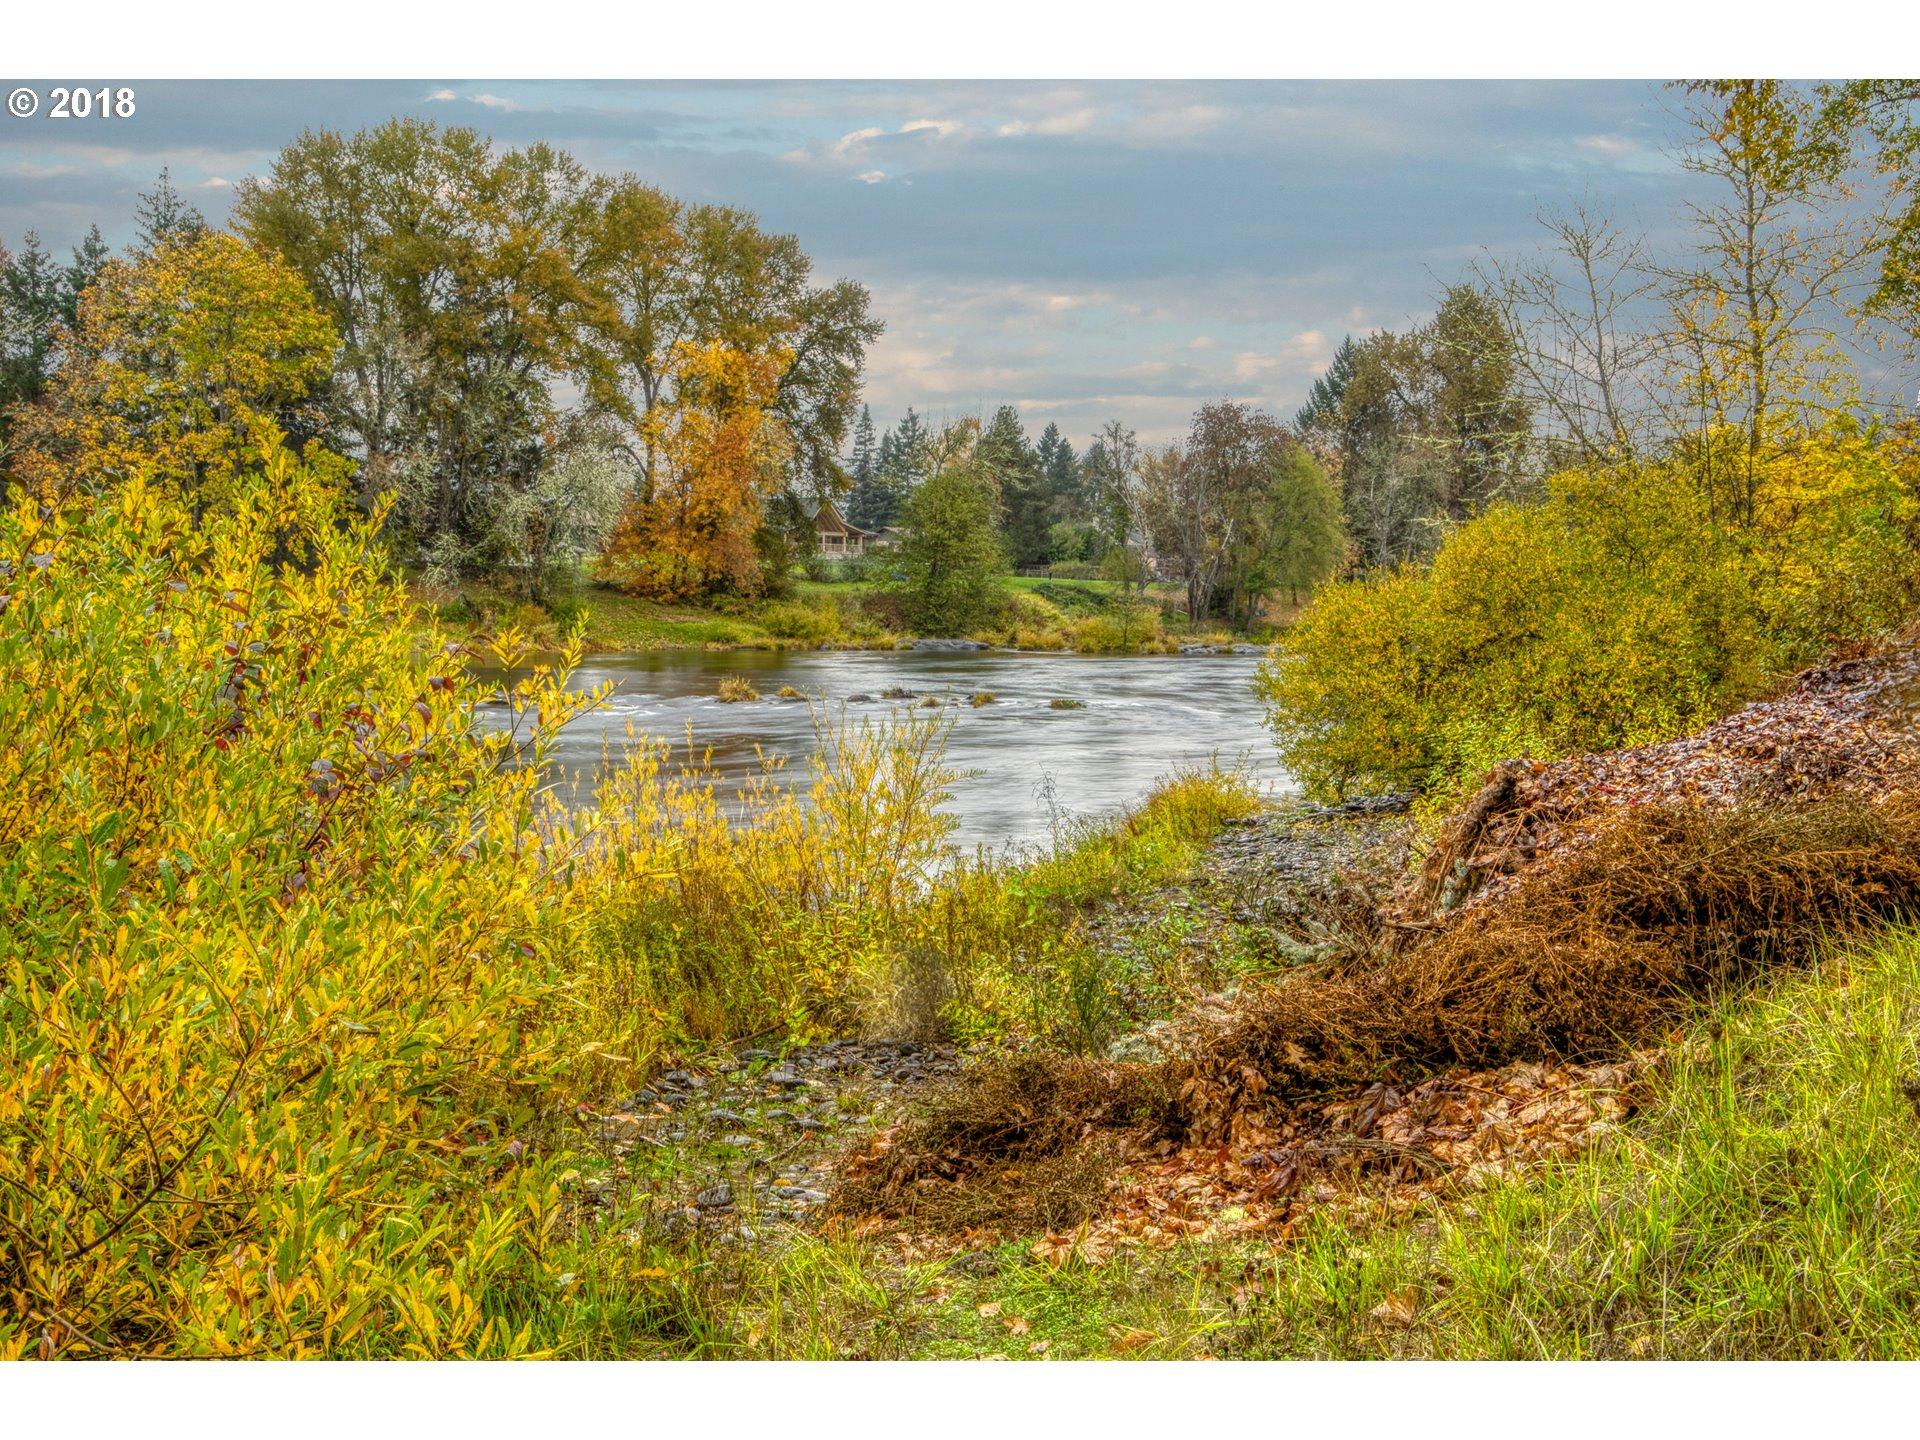 430 RIVER BEND RD Roseburg, OR 97471 - MLS #: 18516249